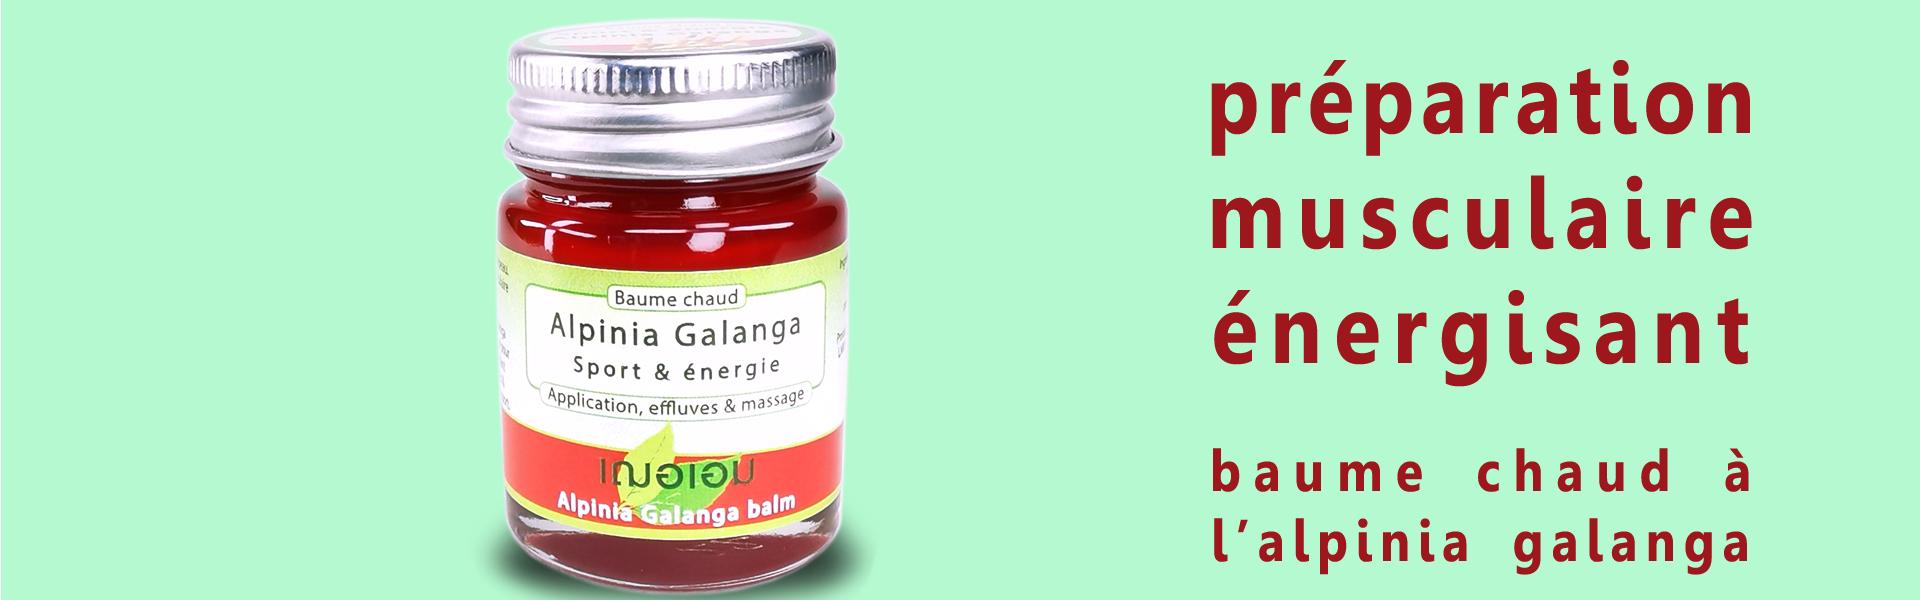 En Thaïlande, le rhizome d'Alpinia Galanga incorporé en baume chaud est appliqué pour son effet relaxant musculaire & stimulant circulatoire. Ses effluves énergisantes & revigorantes seront appréciées lors du sport.